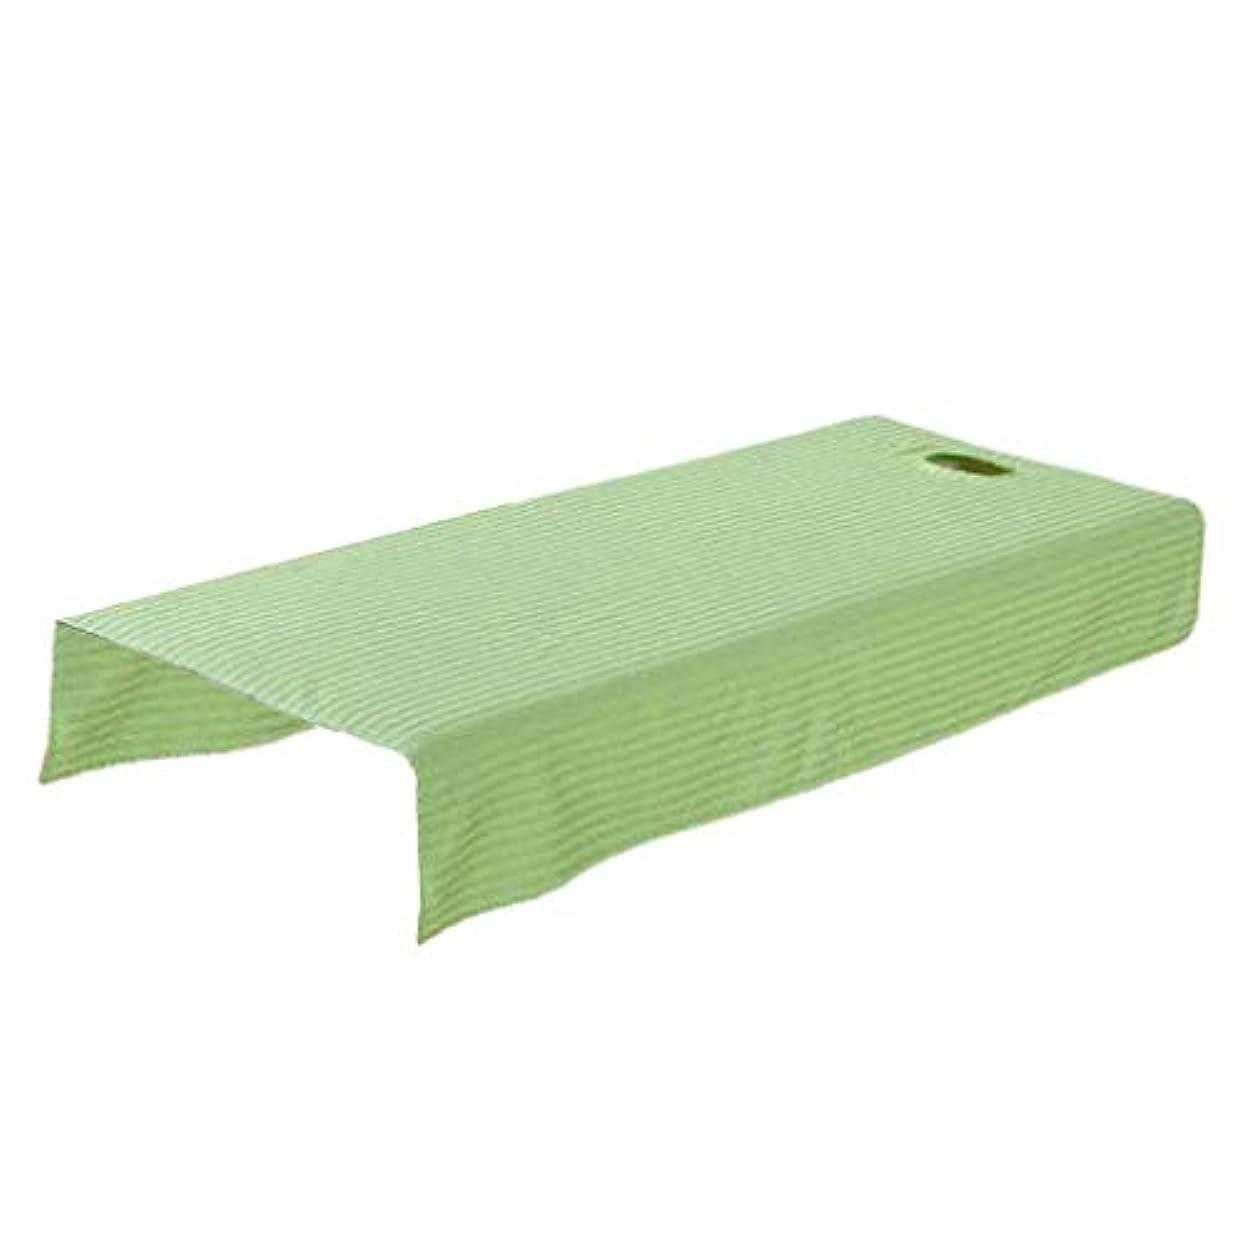 杭固有のお嬢マッサージベッドカバー マッサージテーブル カバー 有孔 スパベッドカバー 全2サイズ - 120x190cm